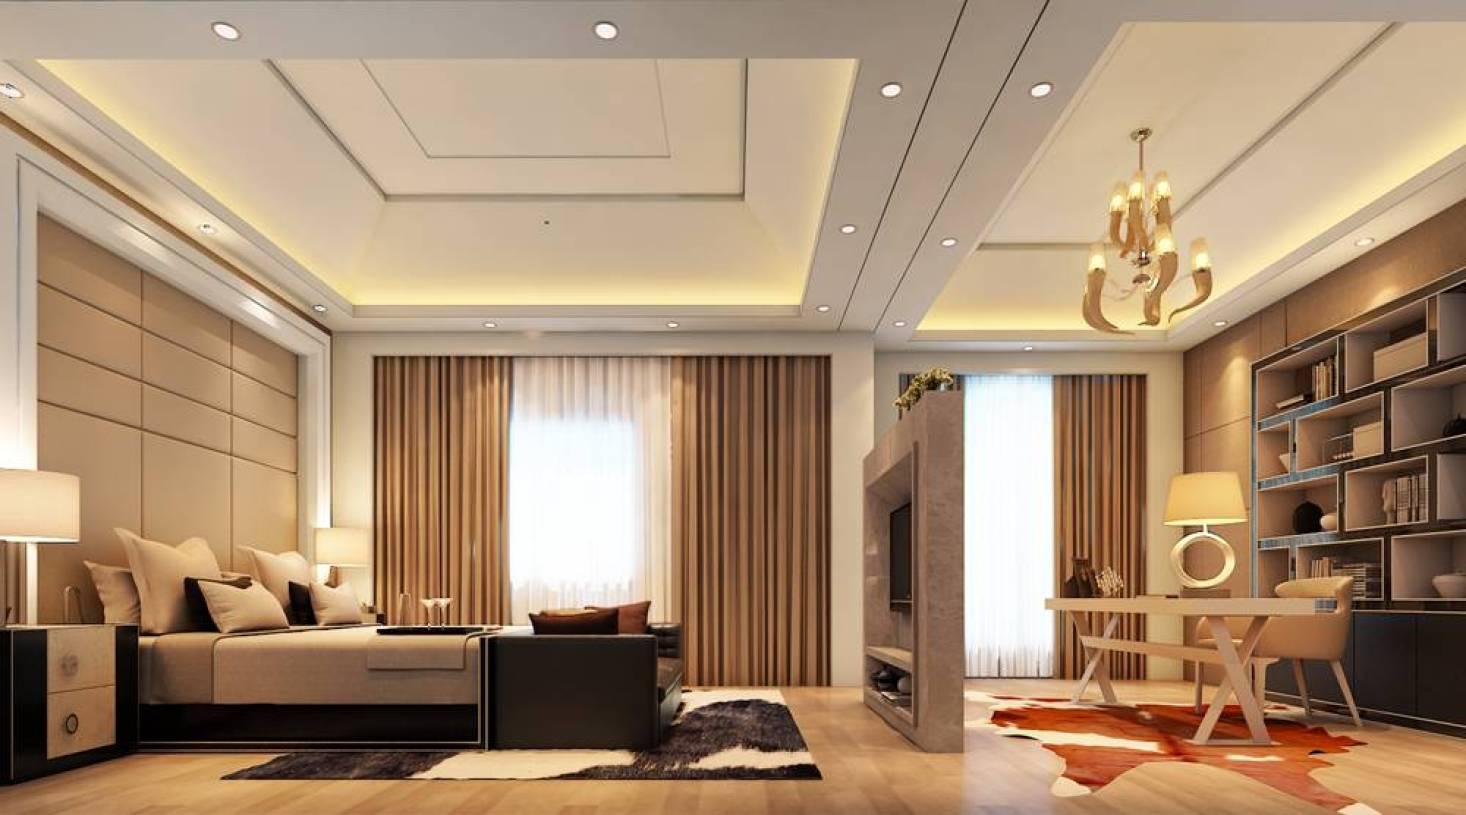 280m现代风格别墅卧室吊顶装修效果图,现代风格床头柜图片